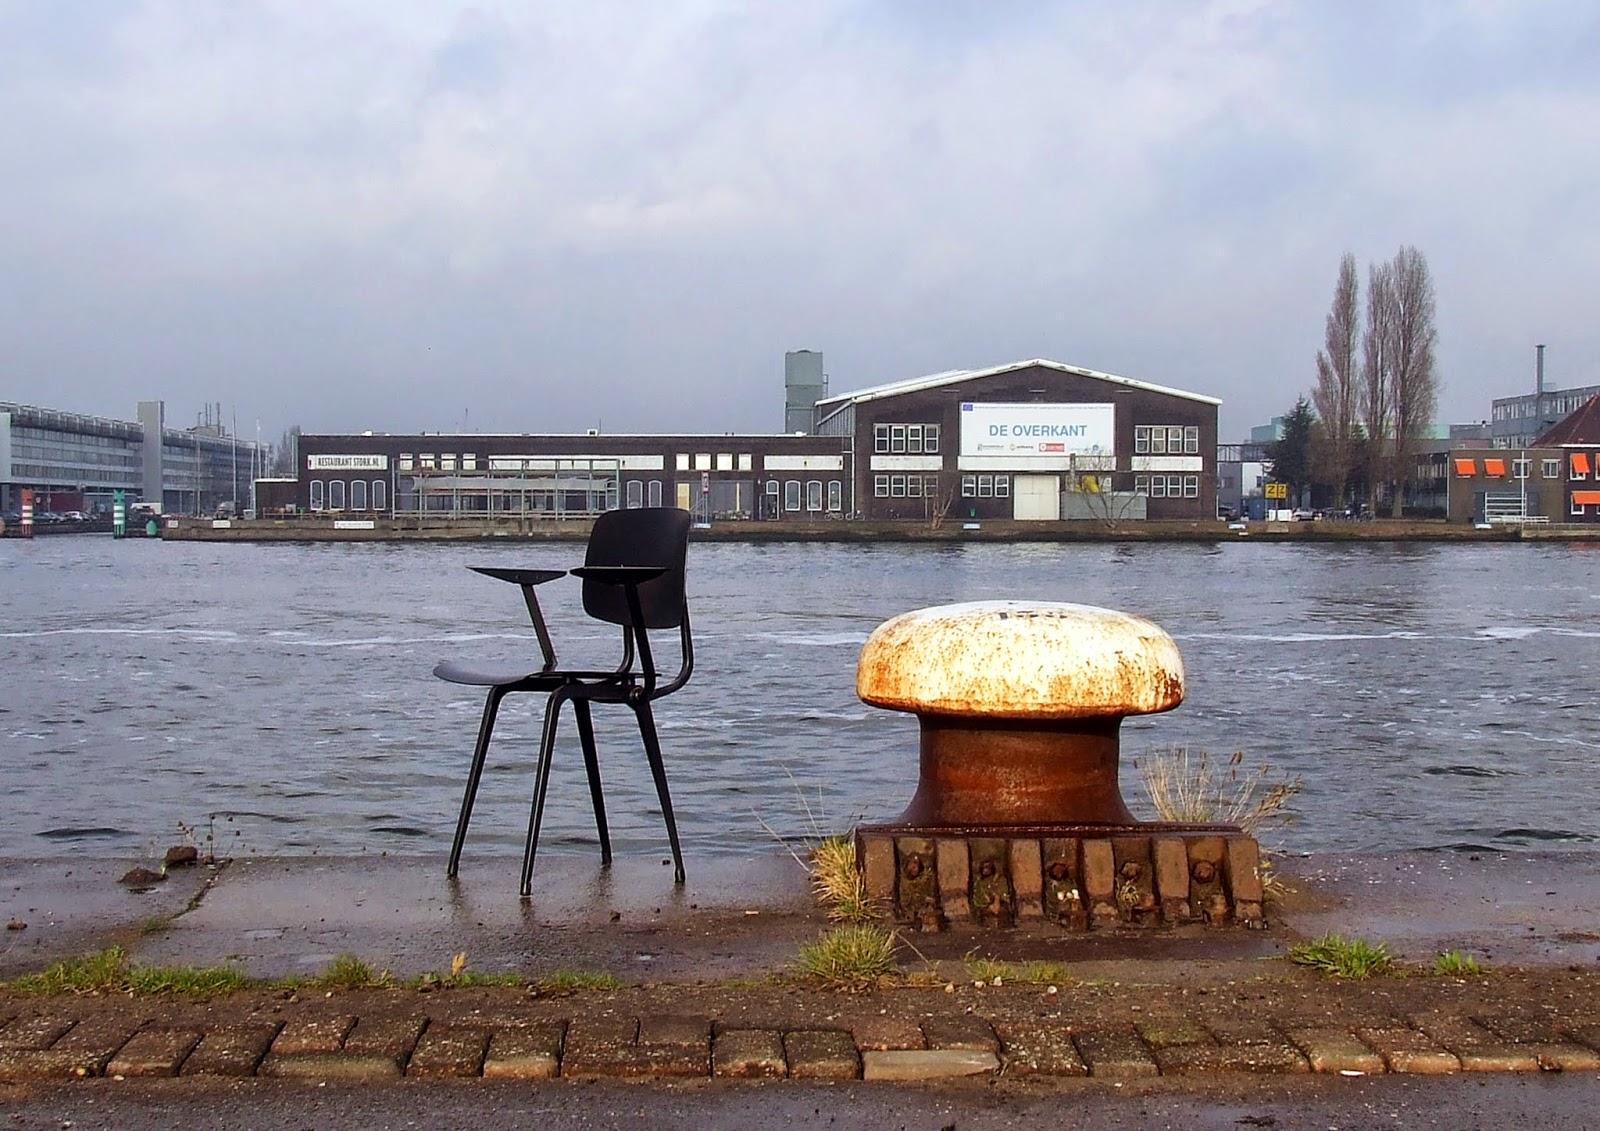 #B0811B22351872 : Vintage Vondsten Op 7   8 Februari 2015 Bij Design Icons Amsterdam Meest effectief Italiaanse Design Meubelontwerpers 3505 behang 160011313505 afbeeldingen